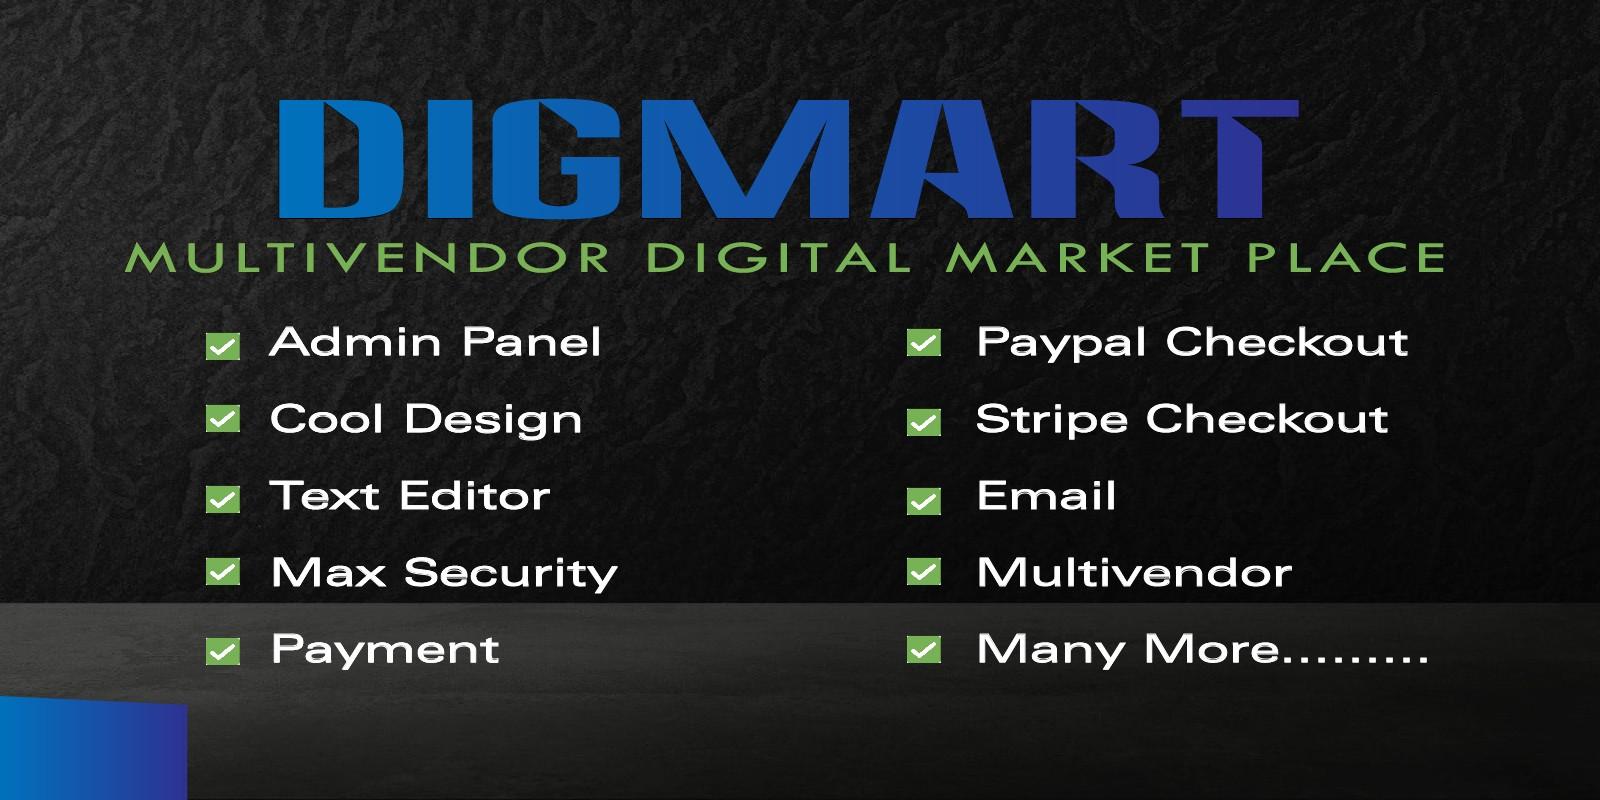 DigMart - Multivendor Digital MarketPlace PHP